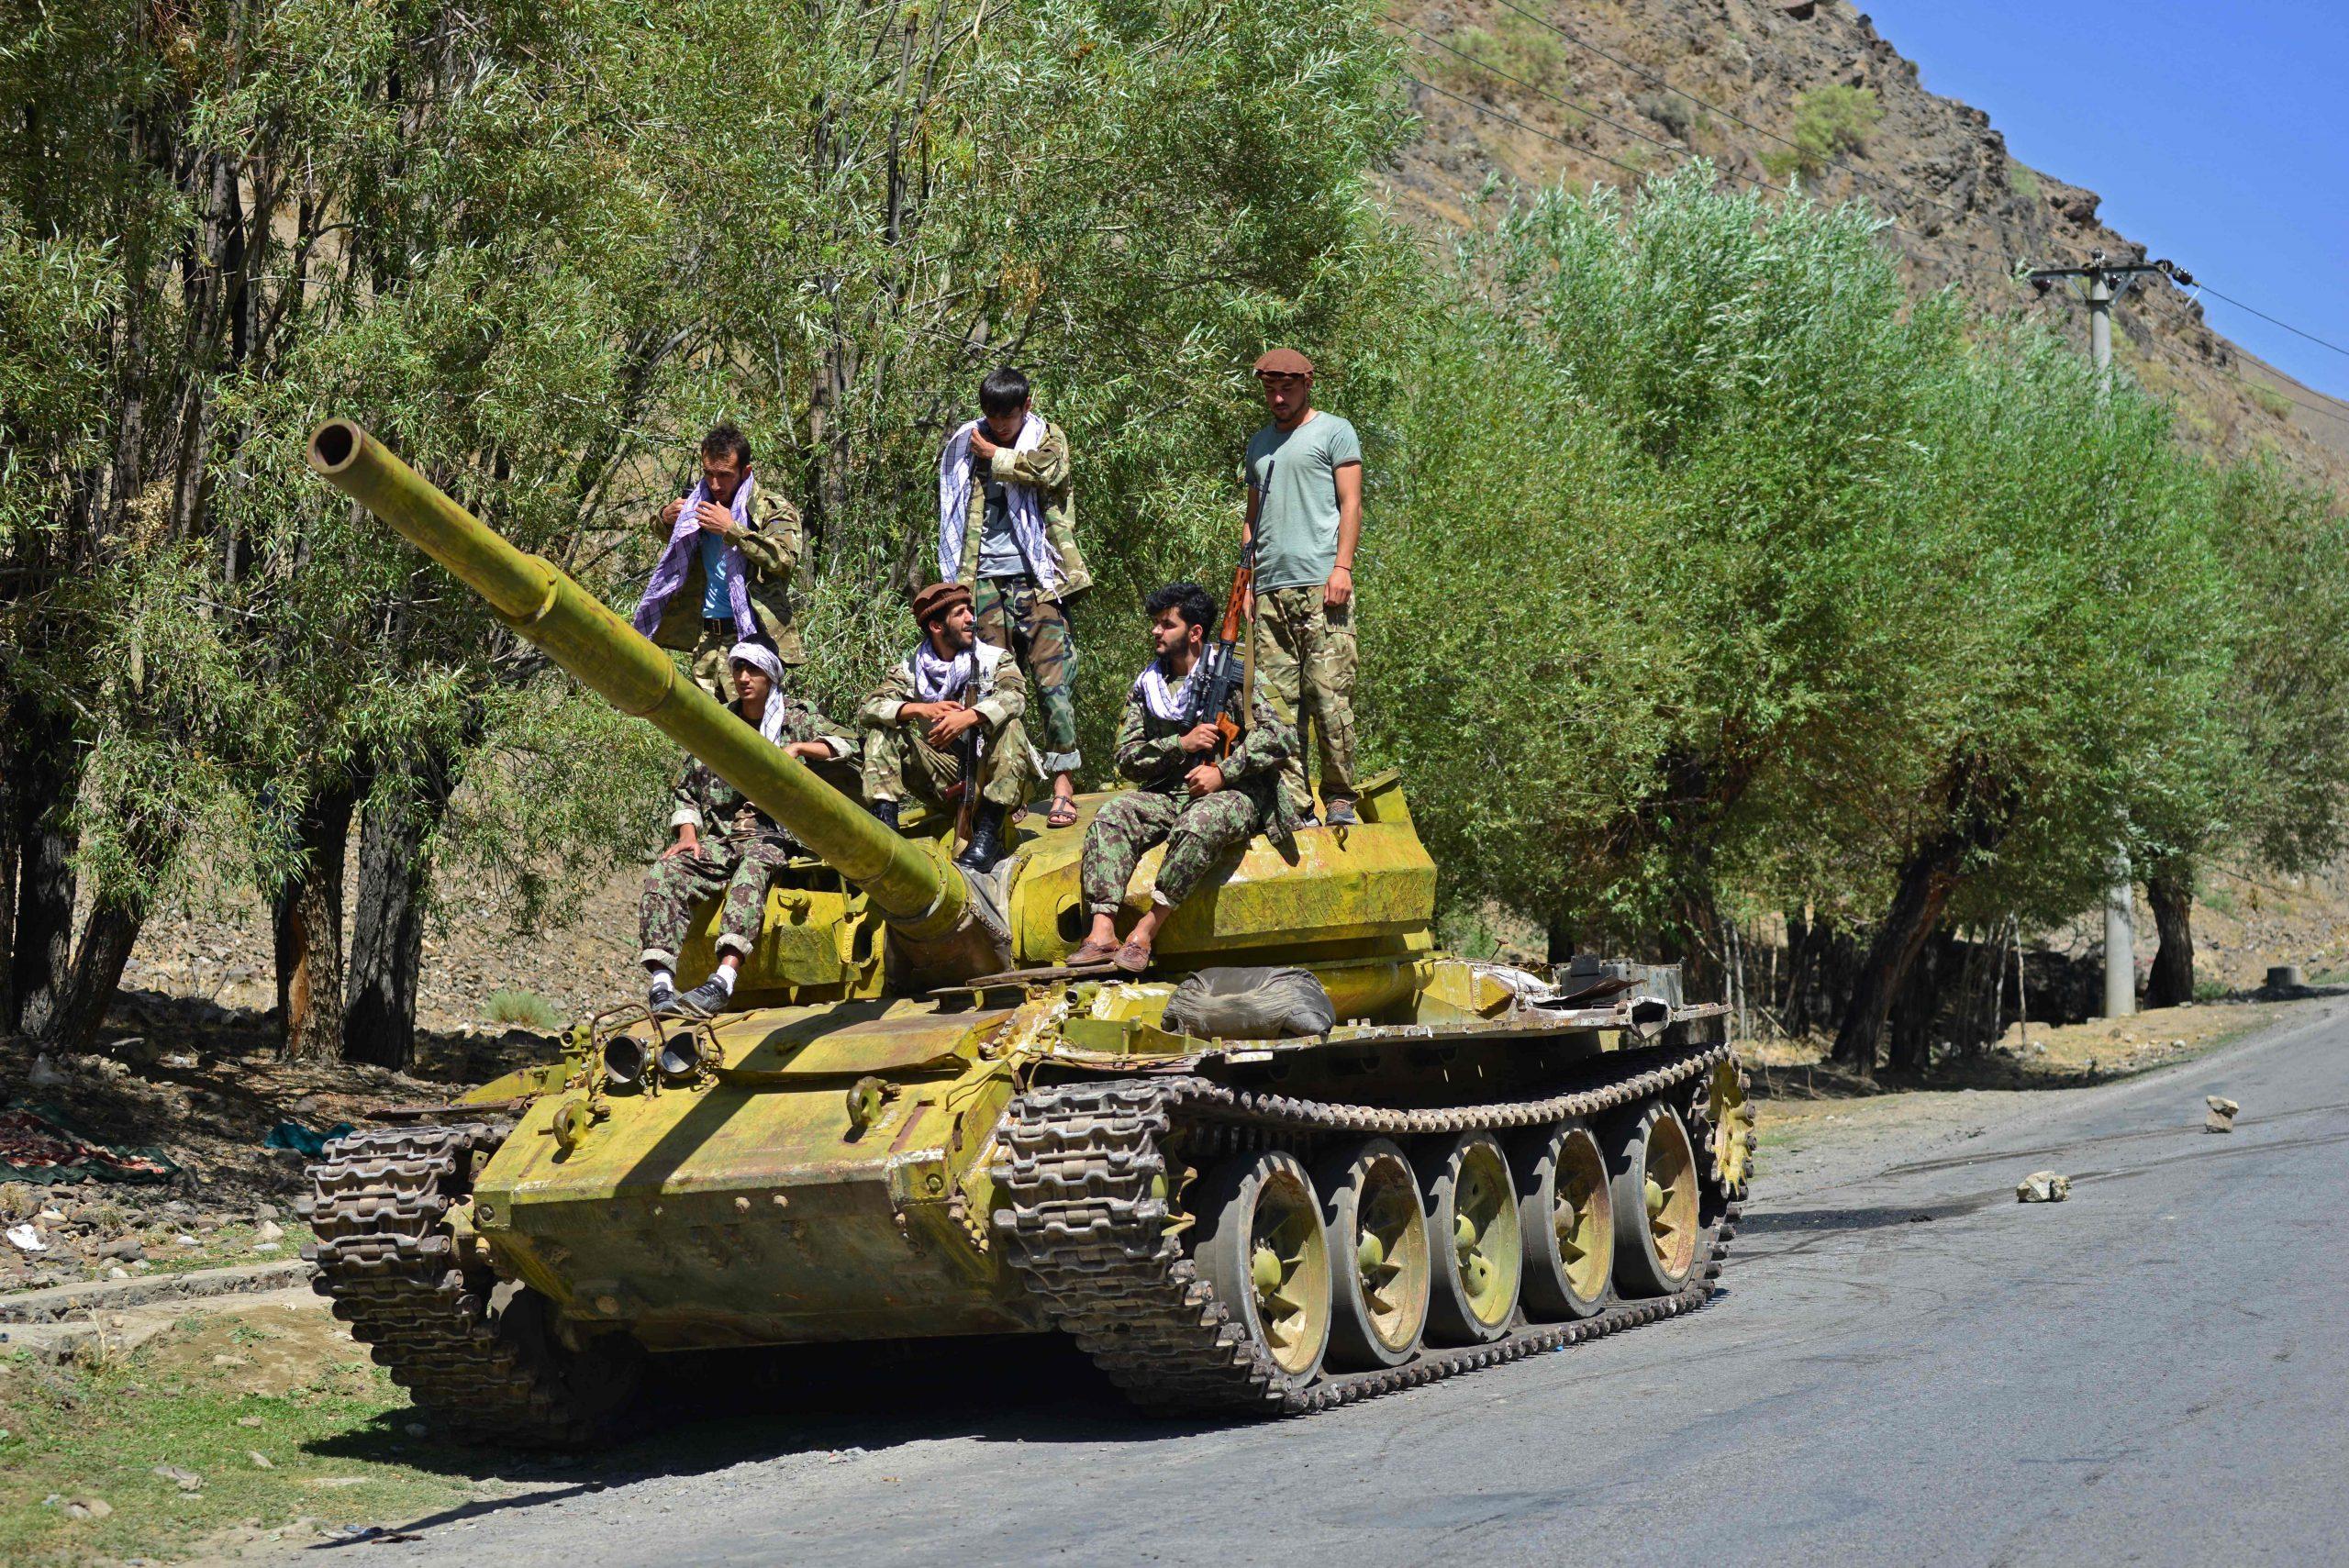 Schwere Kämpfe zwischen Taliban und Gegnern im Pandschir-Tal